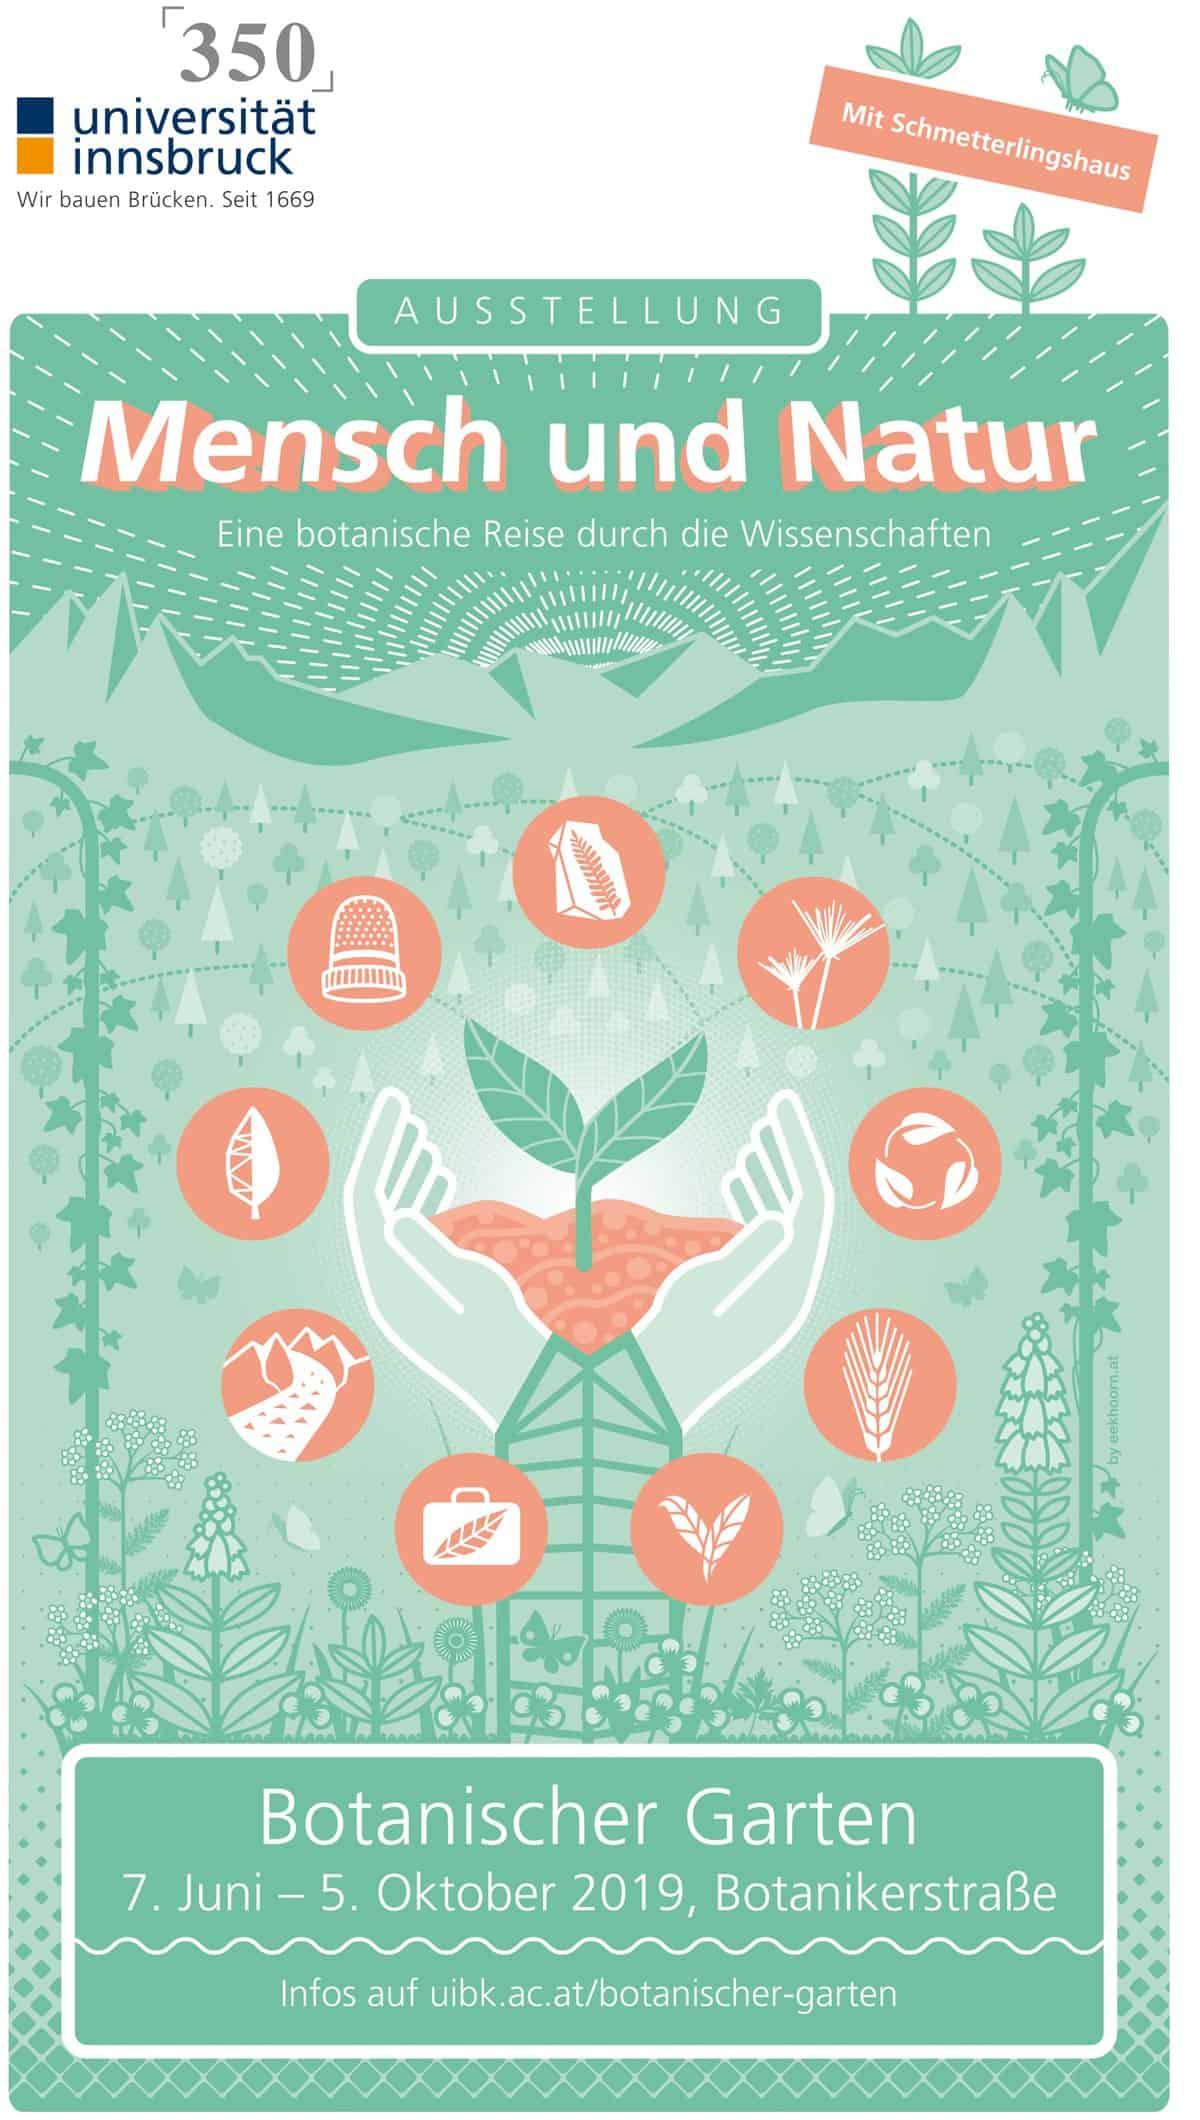 Mensch und Natur – eine botanische Reise durch die Wissenschaften: Jubiläumsausstellung im Botanischen Garten – mit Schmetterlingshaus 25